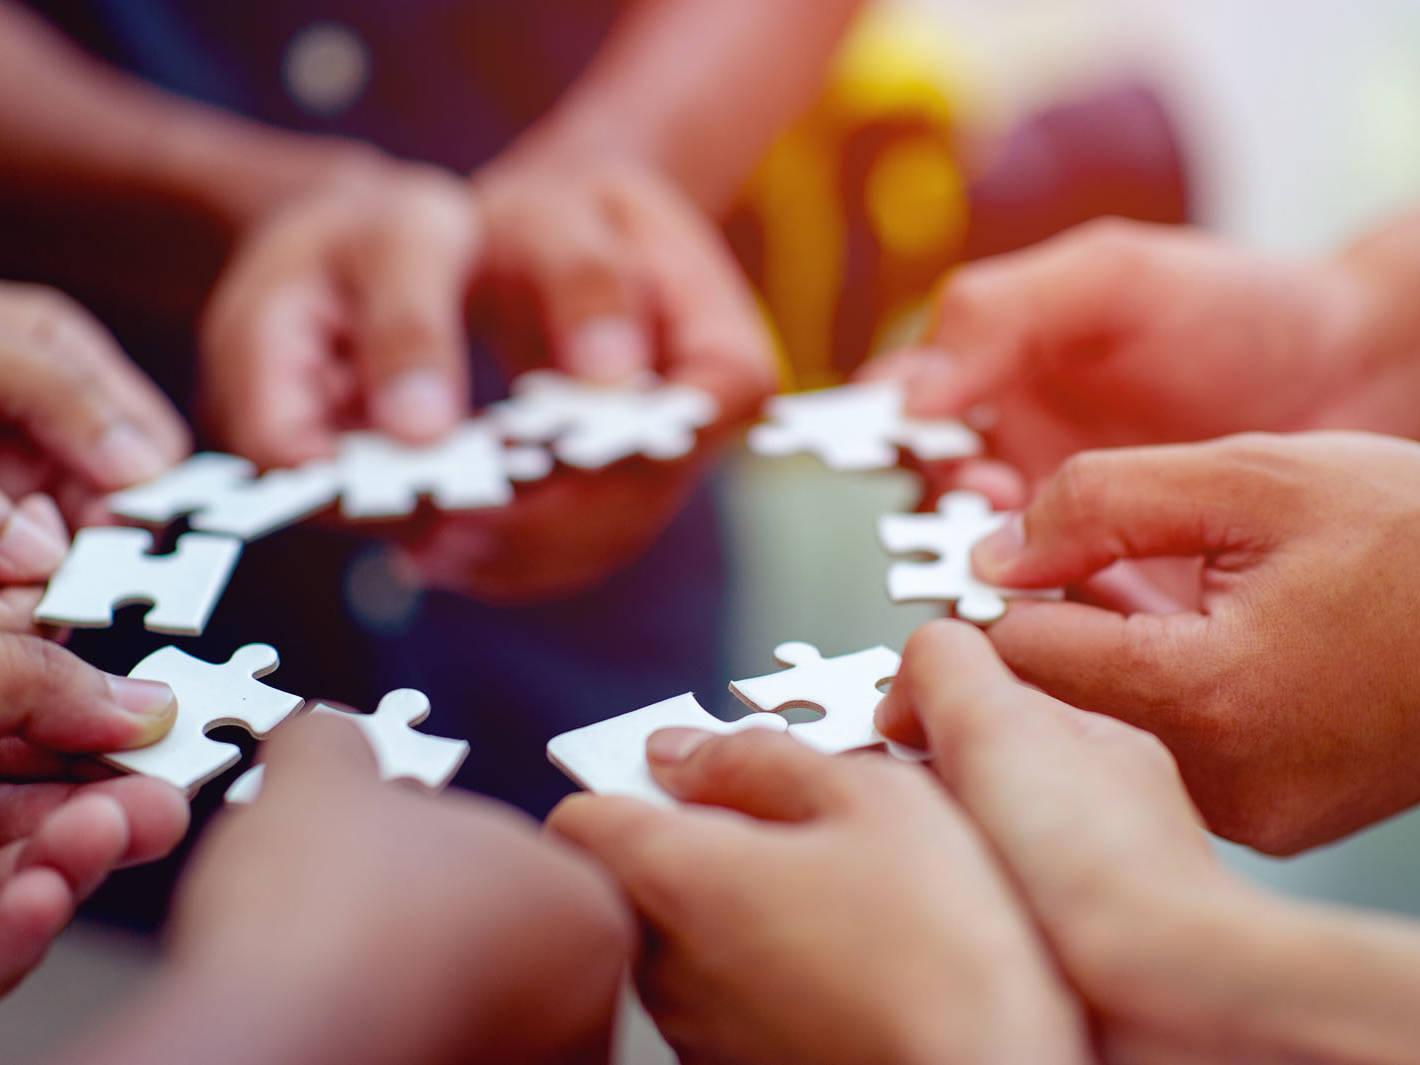 Ámbito social y comunitario